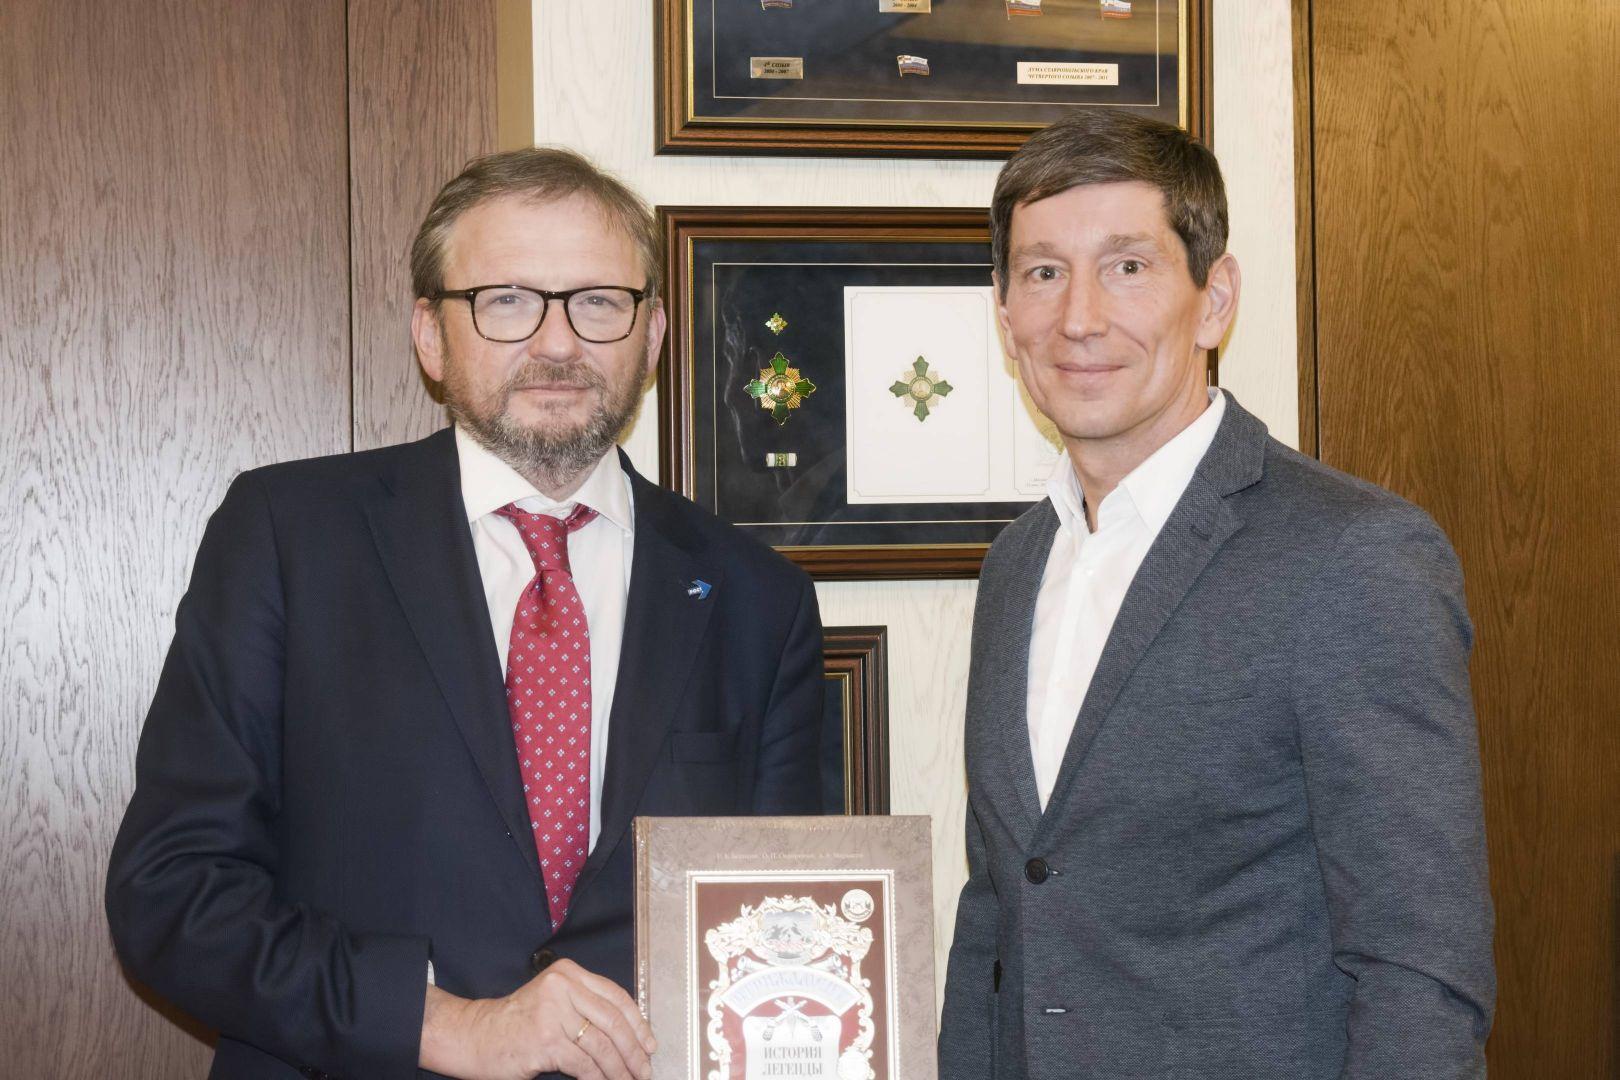 Ставрополье посетил уполномоченный при президенте РФ по защите прав предпринимателей Борис Титов